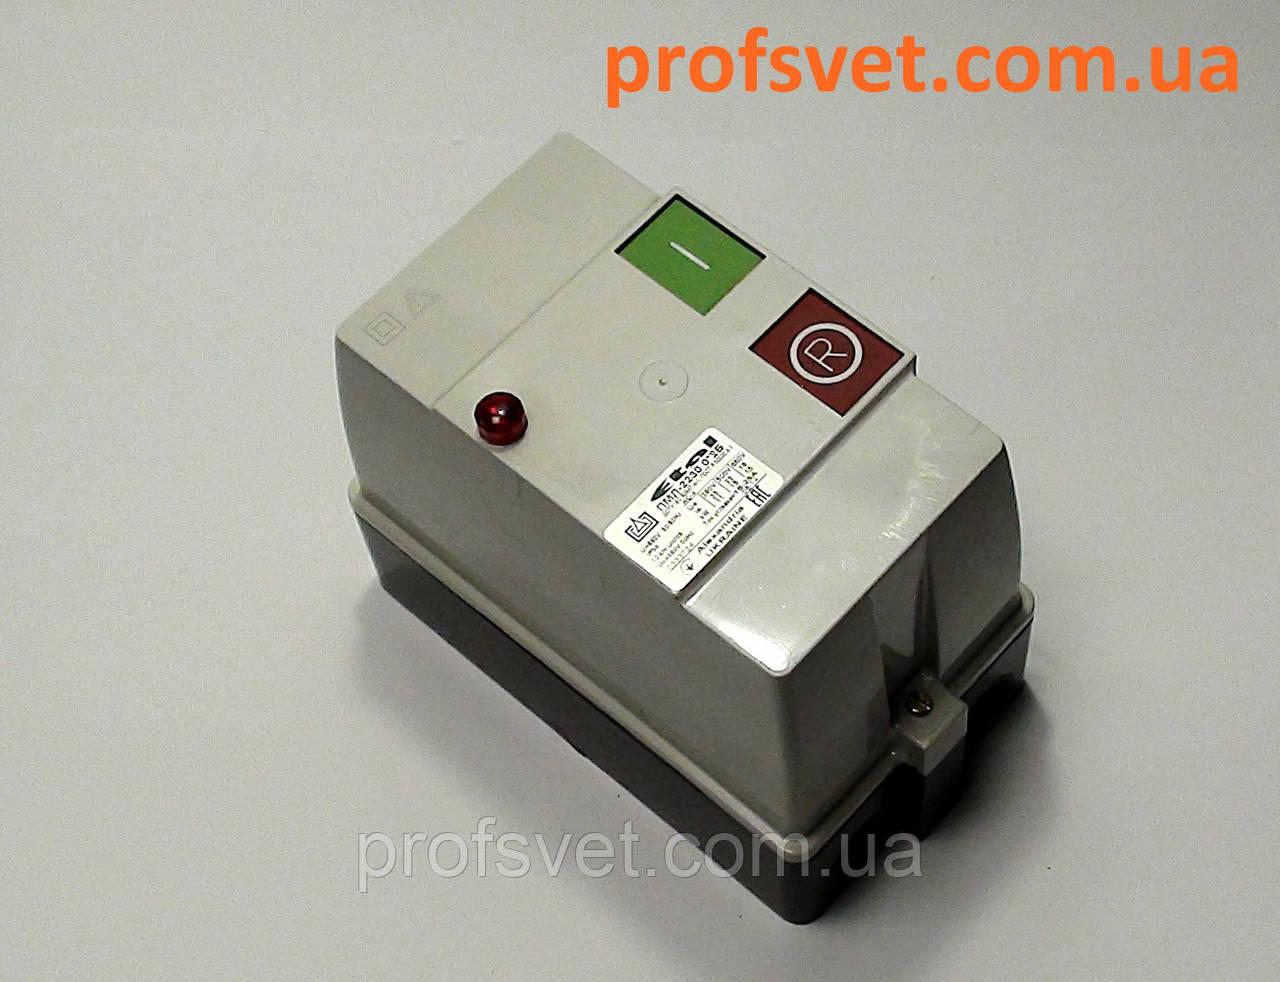 Пускатель ПМЛ-2230 корпус IP-54 25А реле кнопки